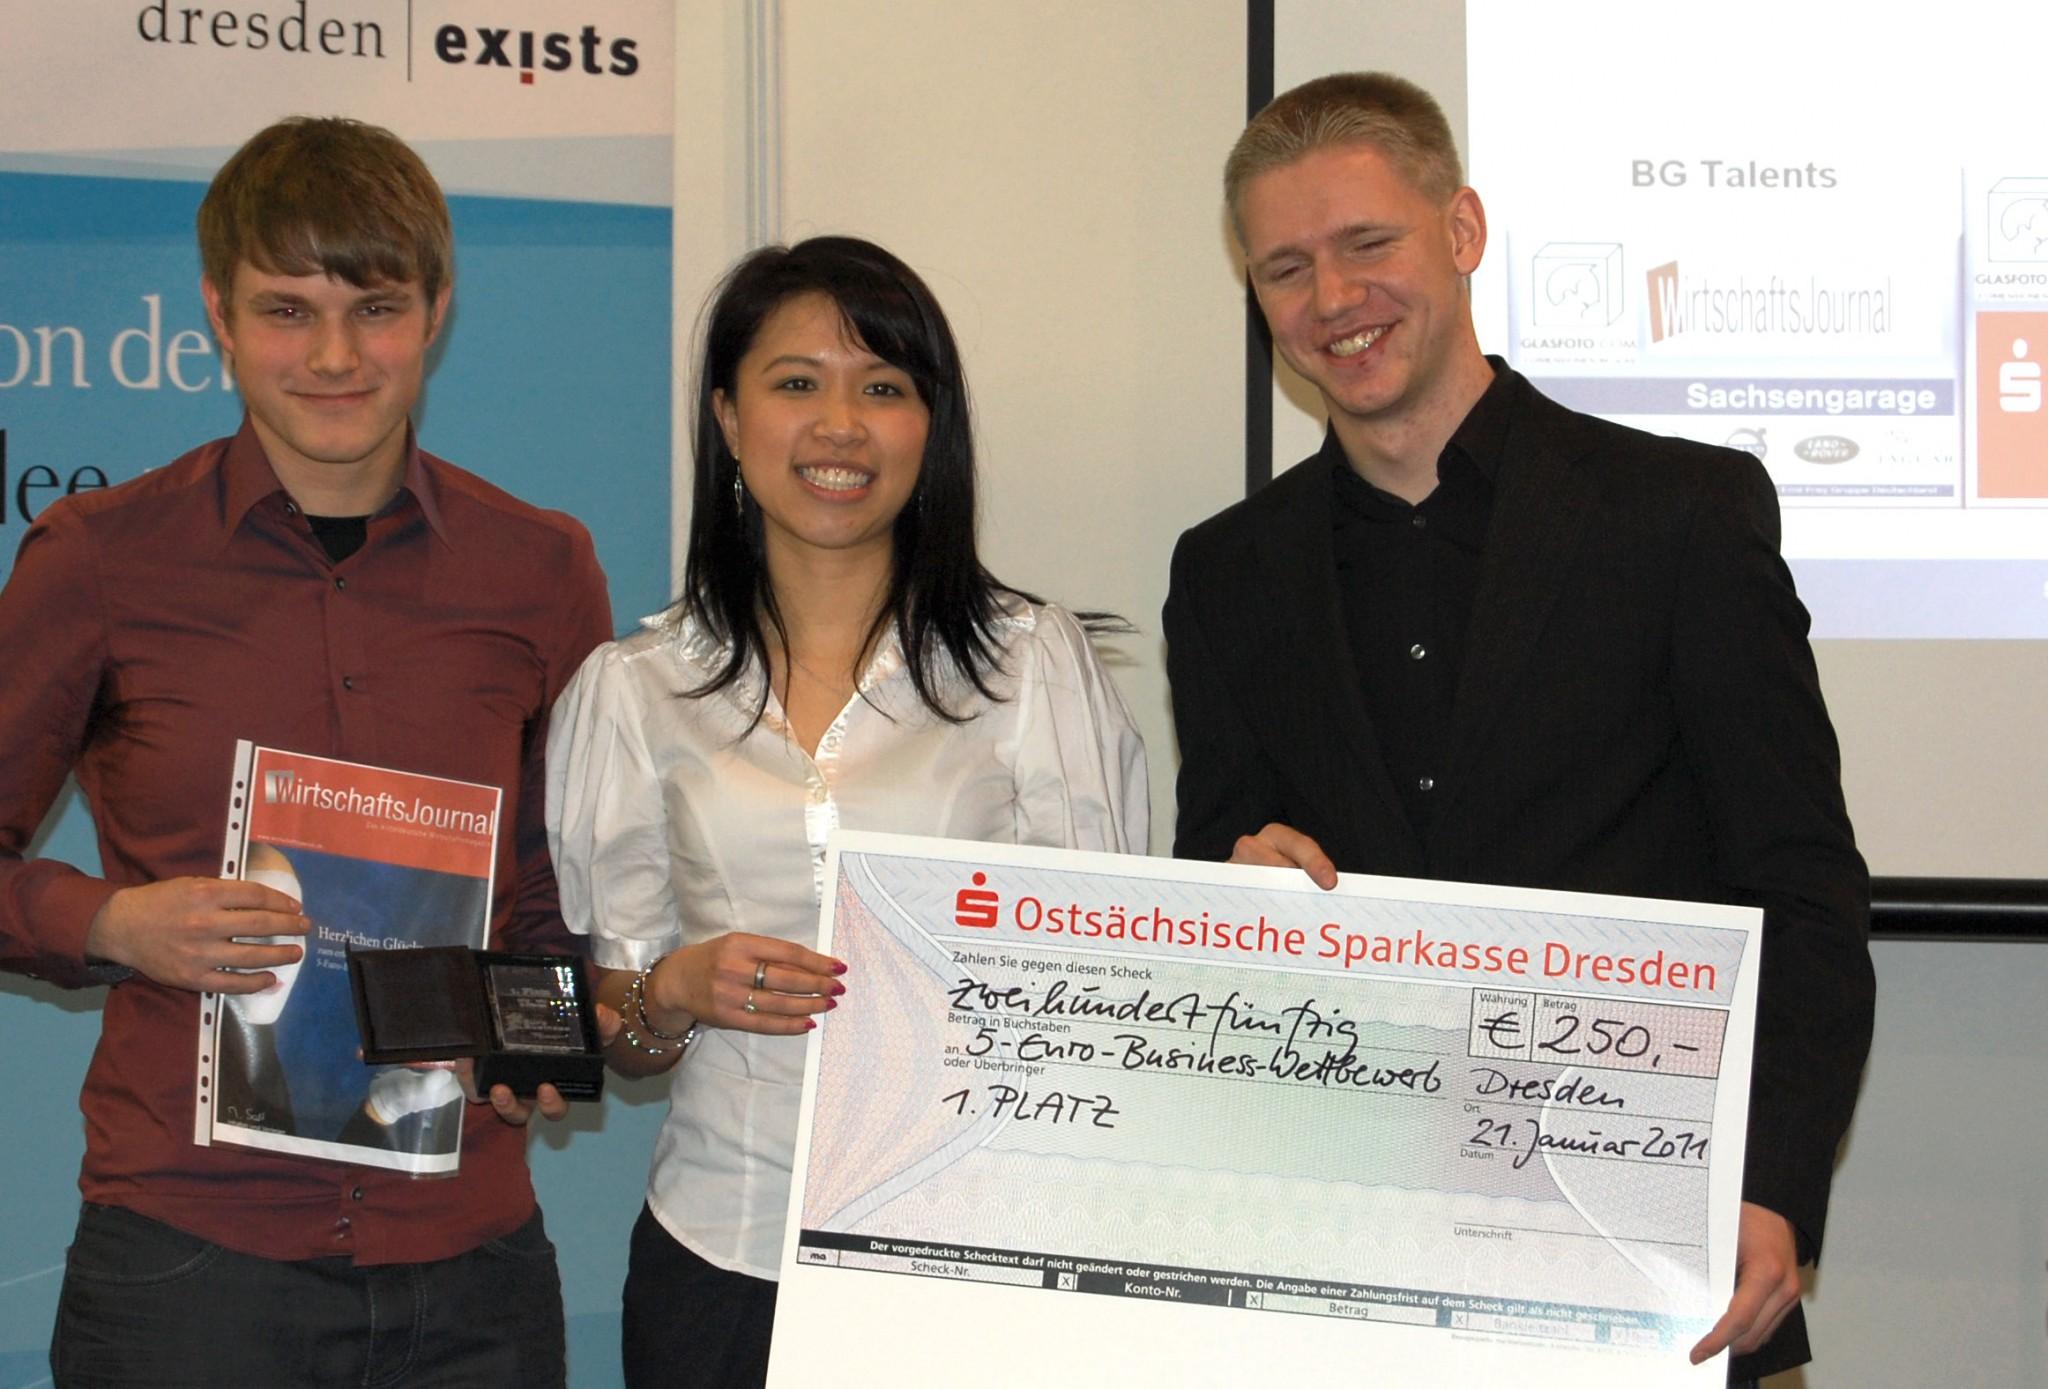 Das Team DigiProf gewinnt den 5-Euro-Business Wettbewerb